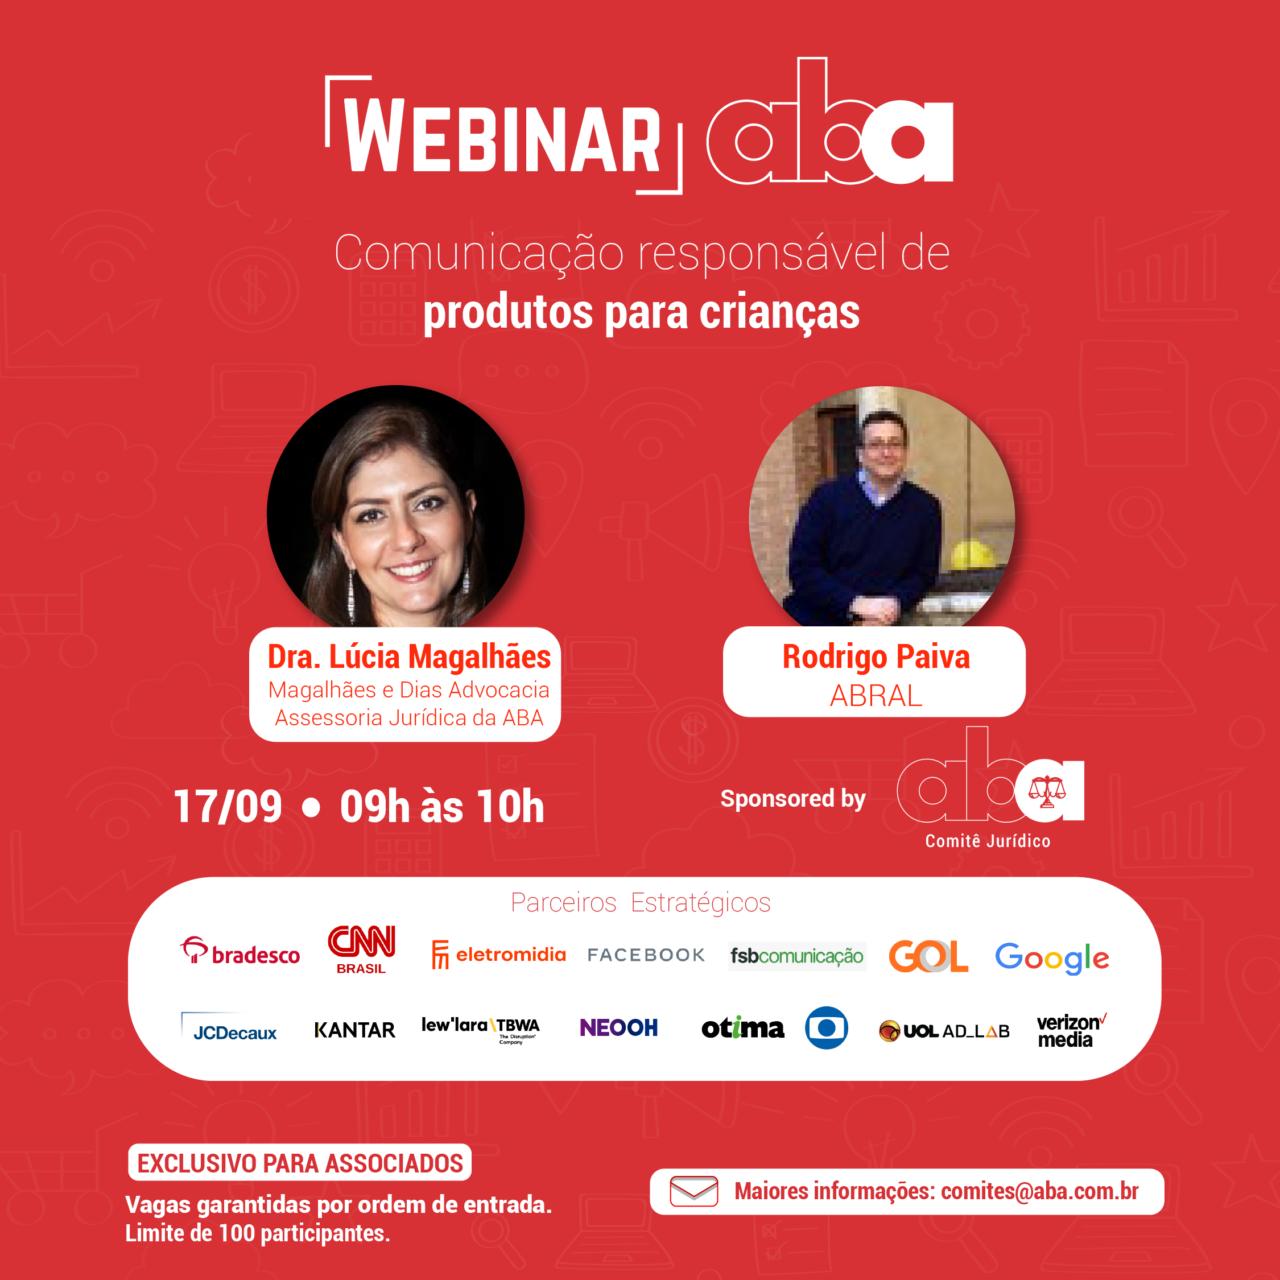 Webinar Dra. Lúcia Magalhães e Rodrigo Paiva